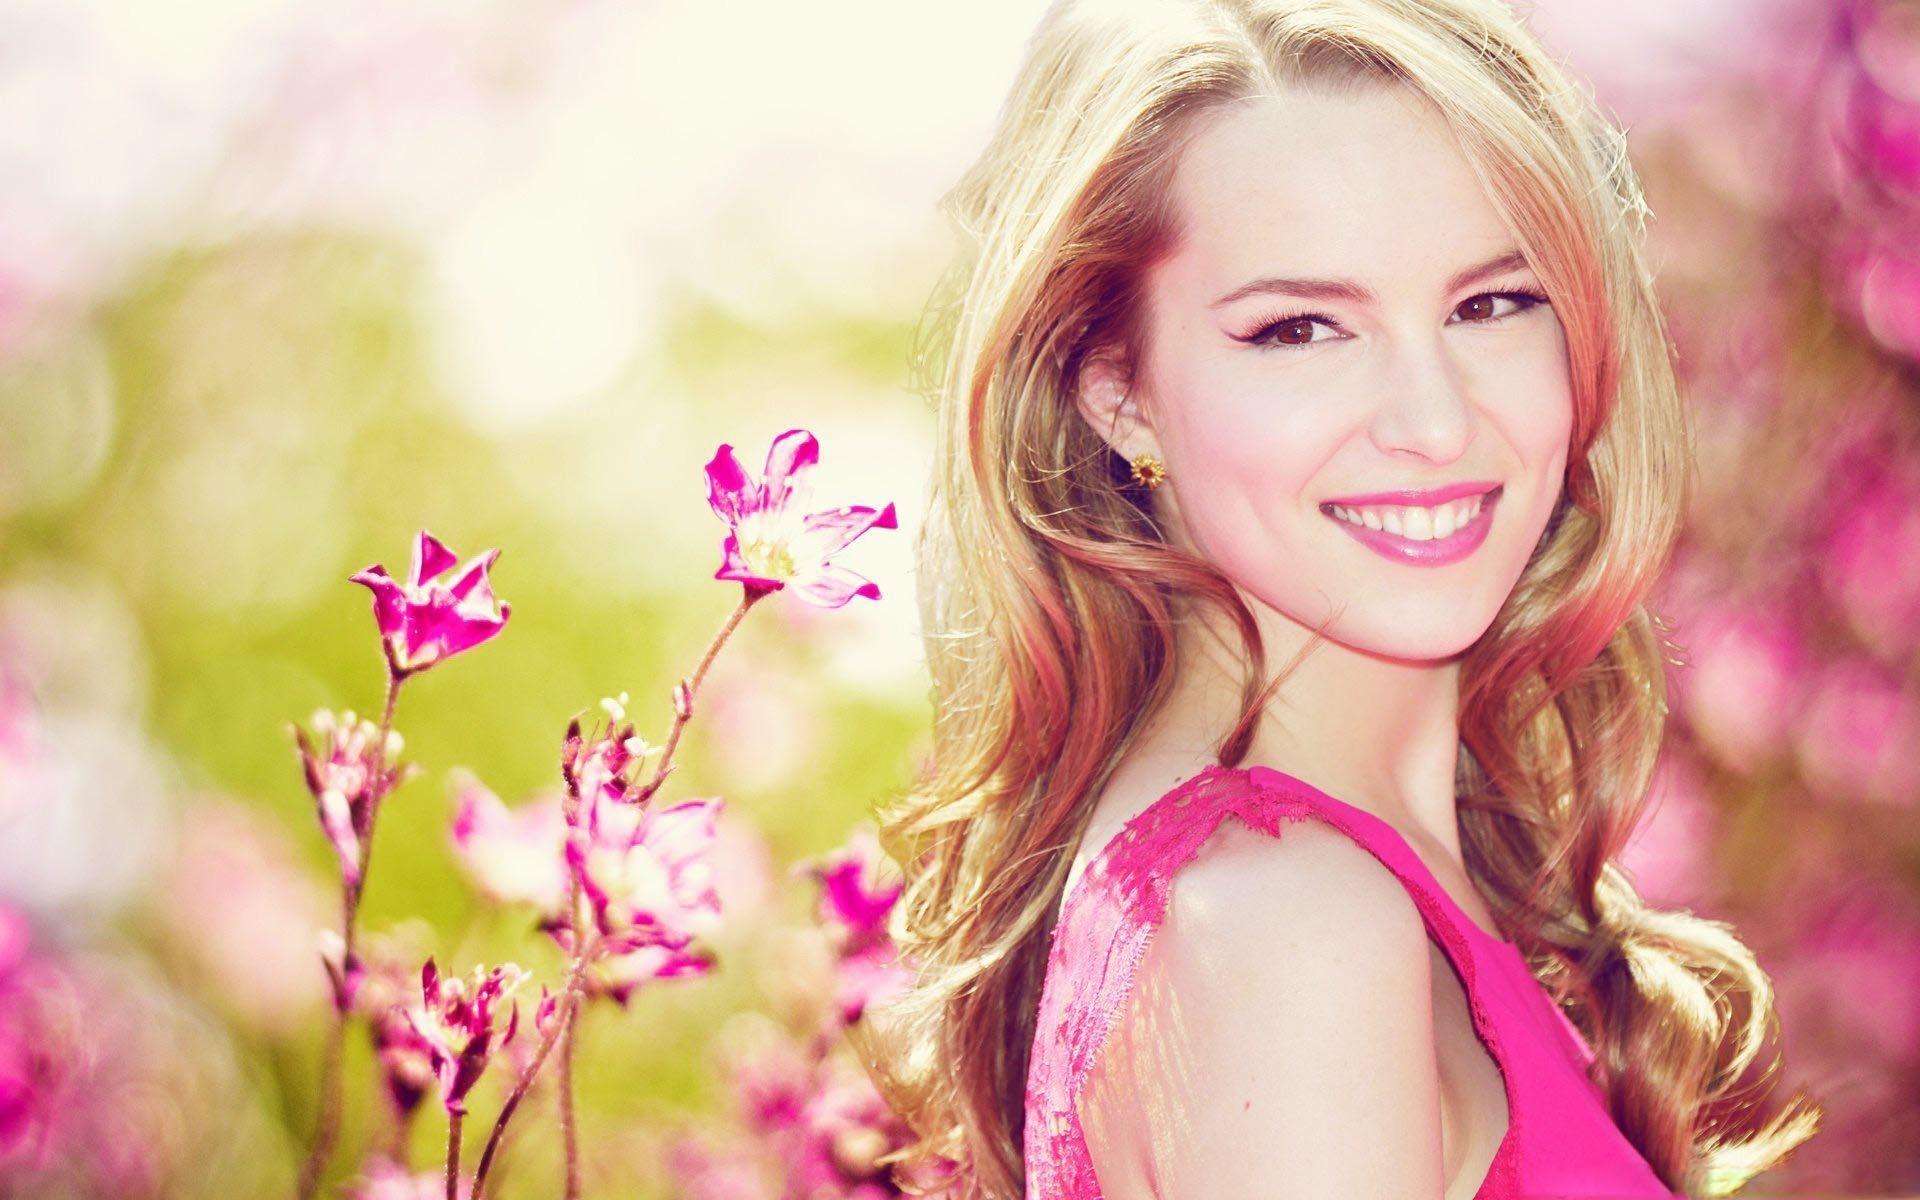 pink dress wallpaper 35361